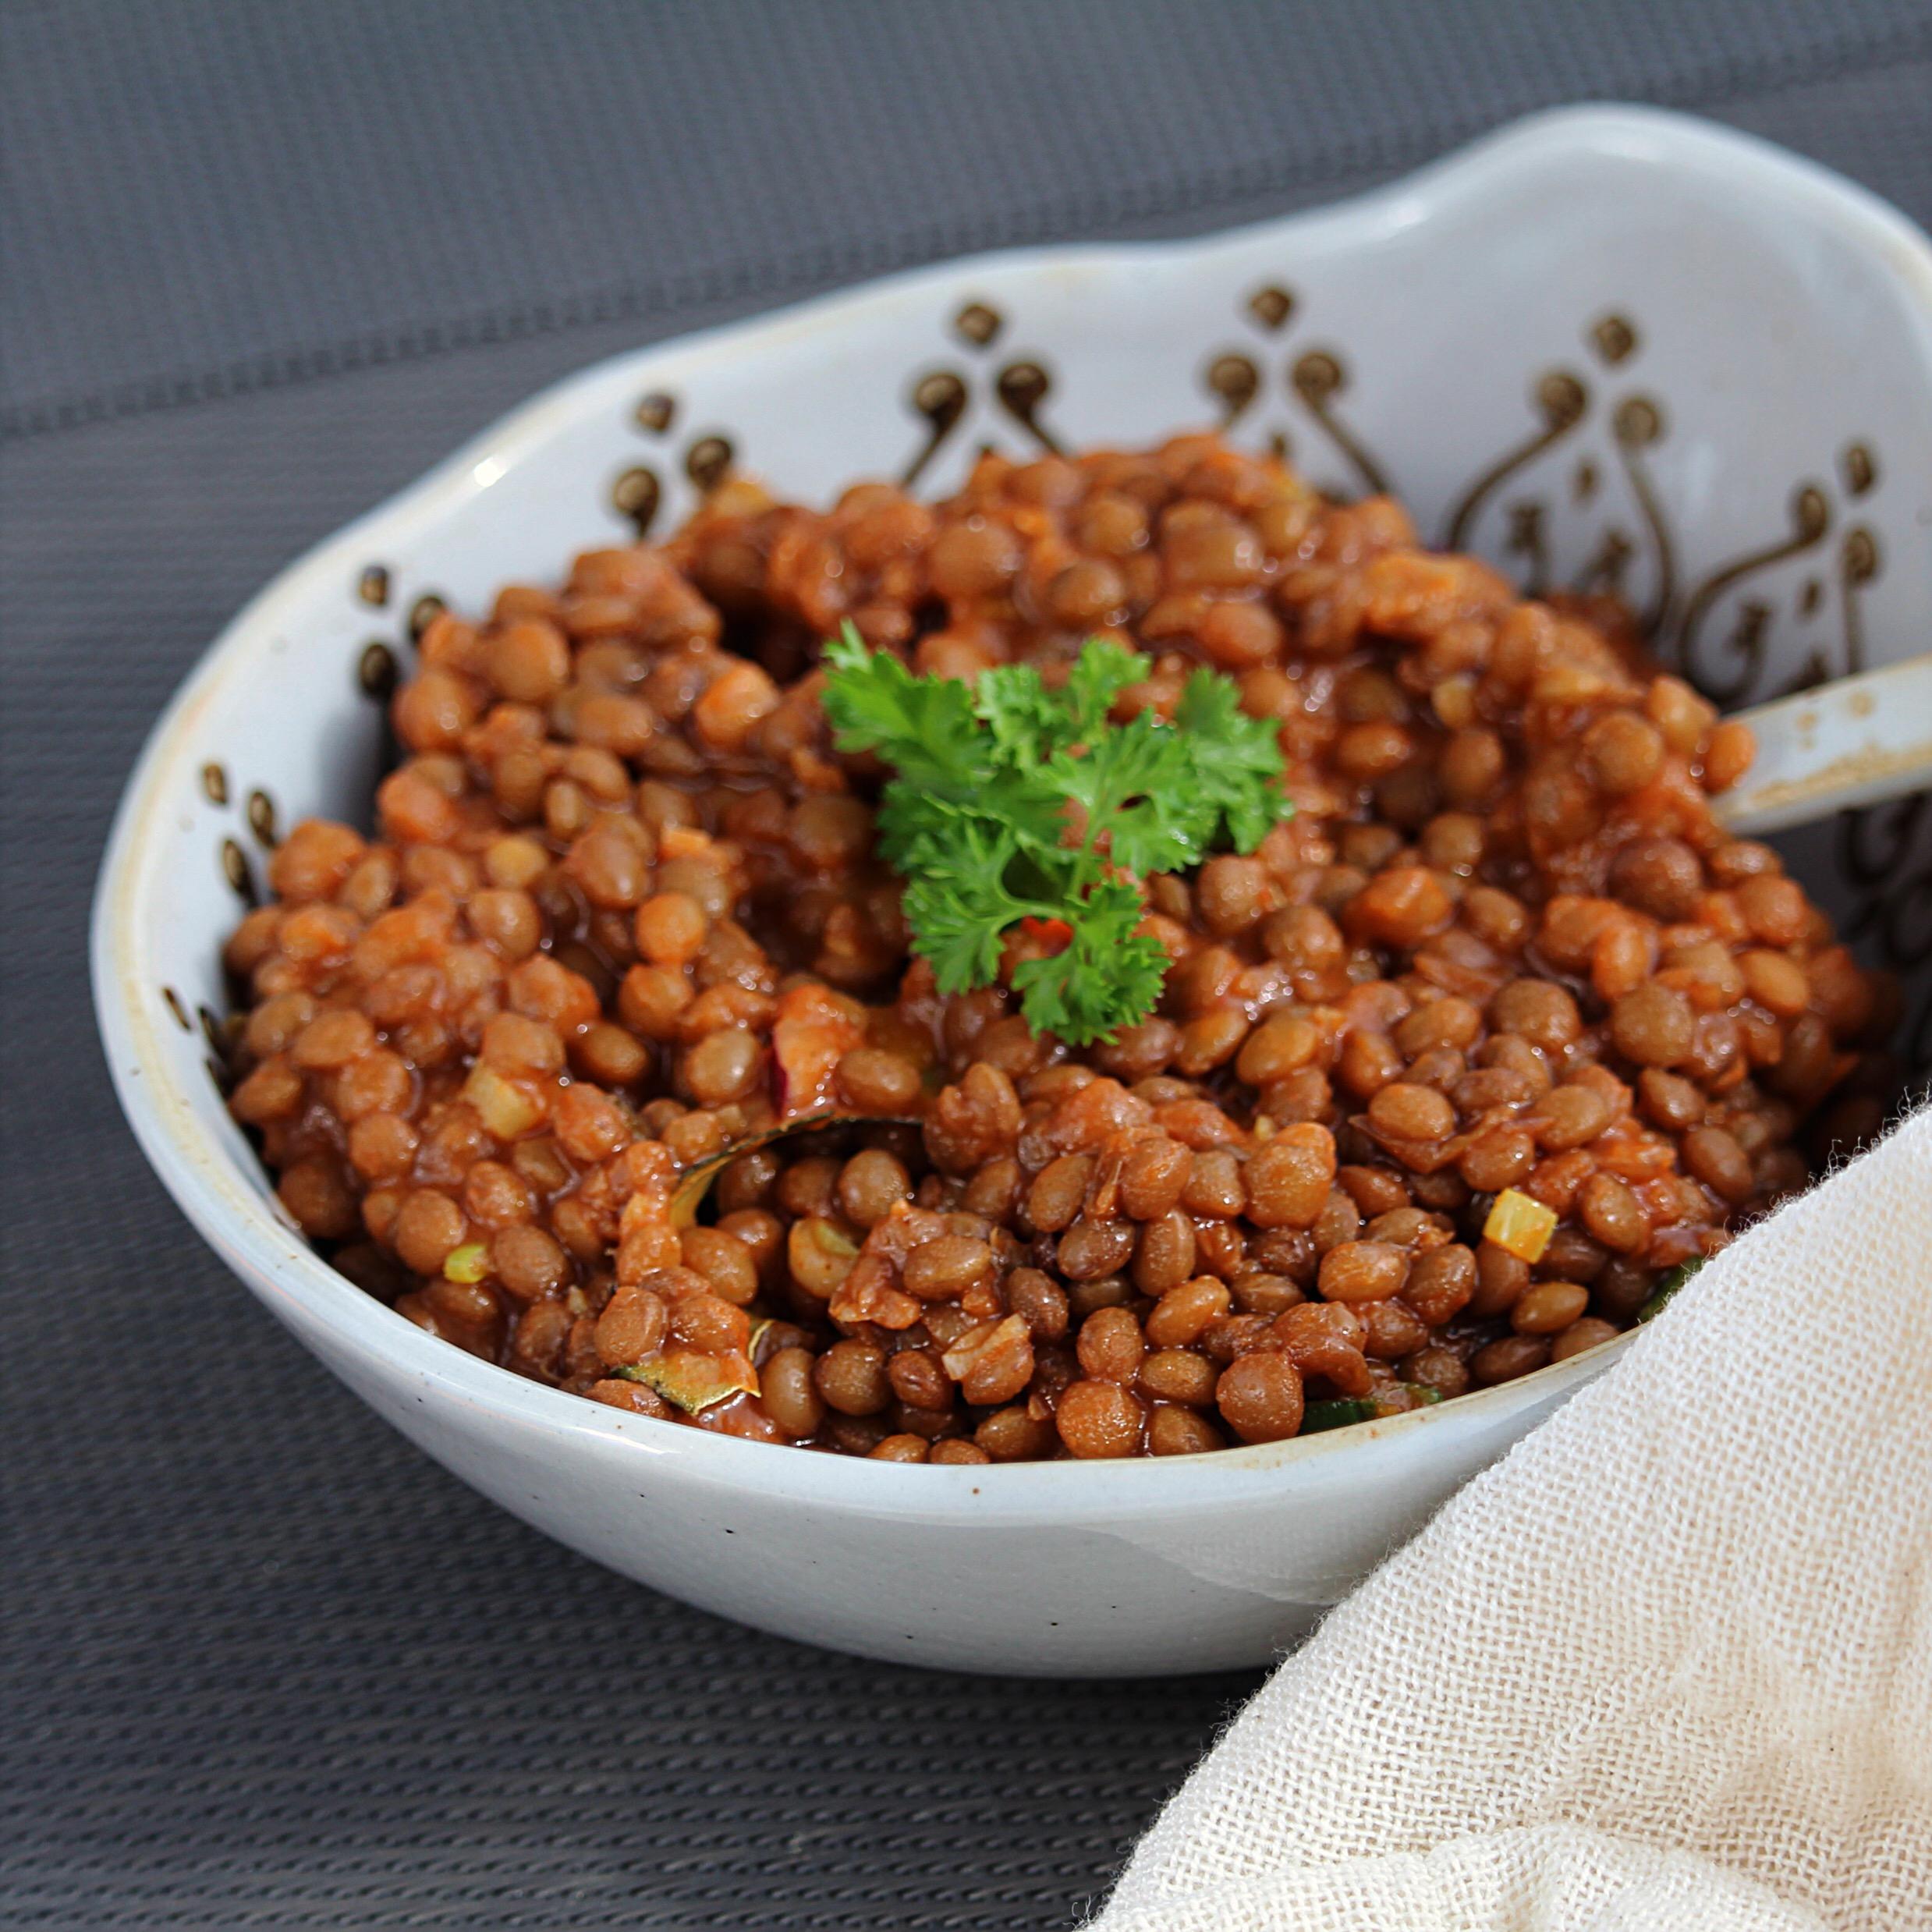 Vegetarian Alternative to Ground Beef